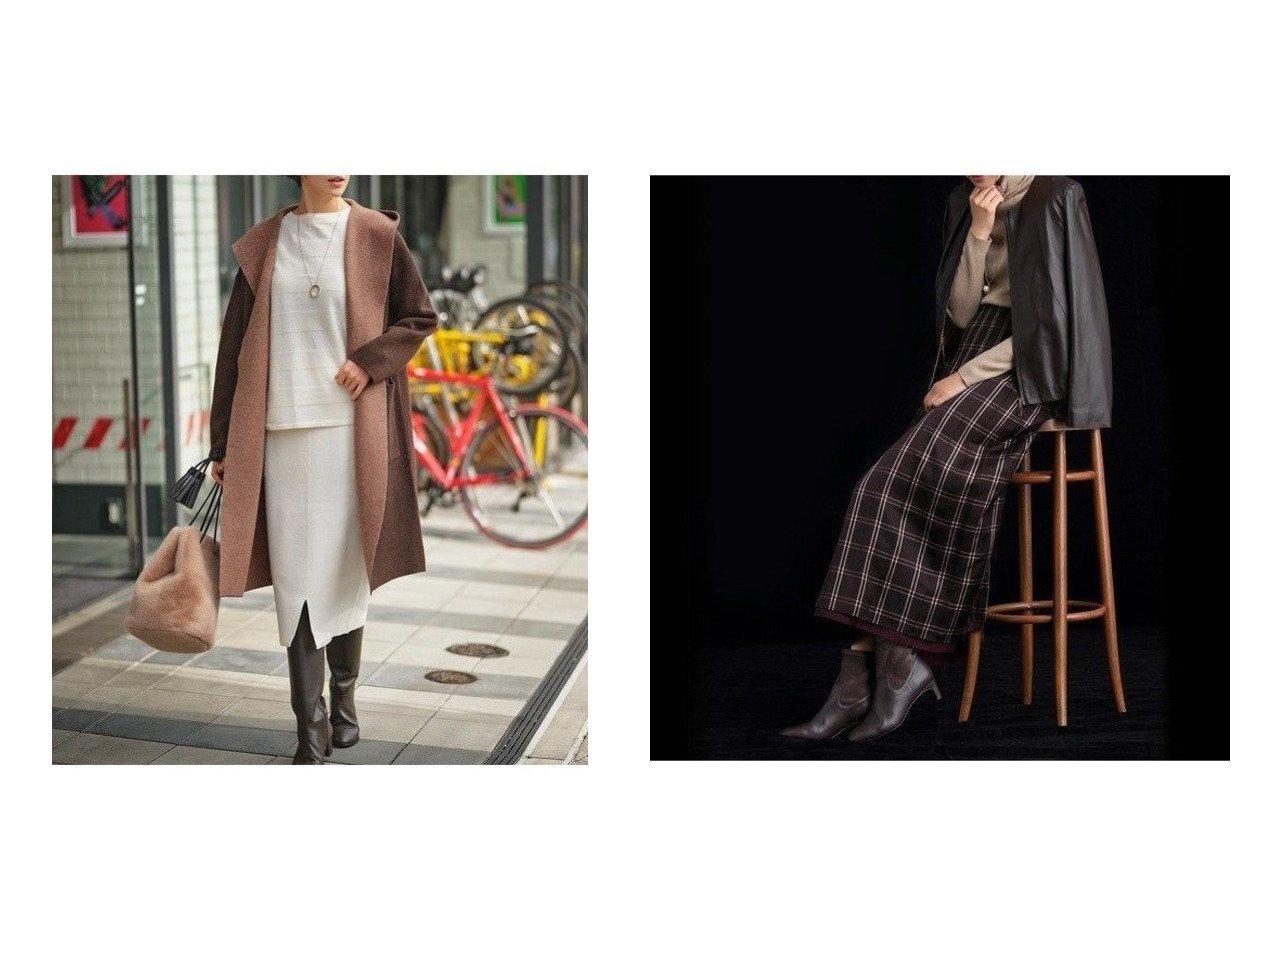 【JIYU-KU/自由区】の【UNFILO】レーヨンウール ニット スカート&【Sサイズ有】AOBUN CUPRA ジャガードリバーシブルスカート スカートのおすすめ!人気、レディースファッションの通販 おすすめで人気のファッション通販商品 インテリア・家具・キッズファッション・メンズファッション・レディースファッション・服の通販 founy(ファニー) https://founy.com/ ファッション Fashion レディース WOMEN スカート Skirt ストレッチ スリット ポケット 人気 抗菌 雑誌 キュプラ シャンブレー シャーリング チェック トレンド ドレープ プリーツ ミドル 無地 ランダム リバーシブル  ID:crp329100000005313